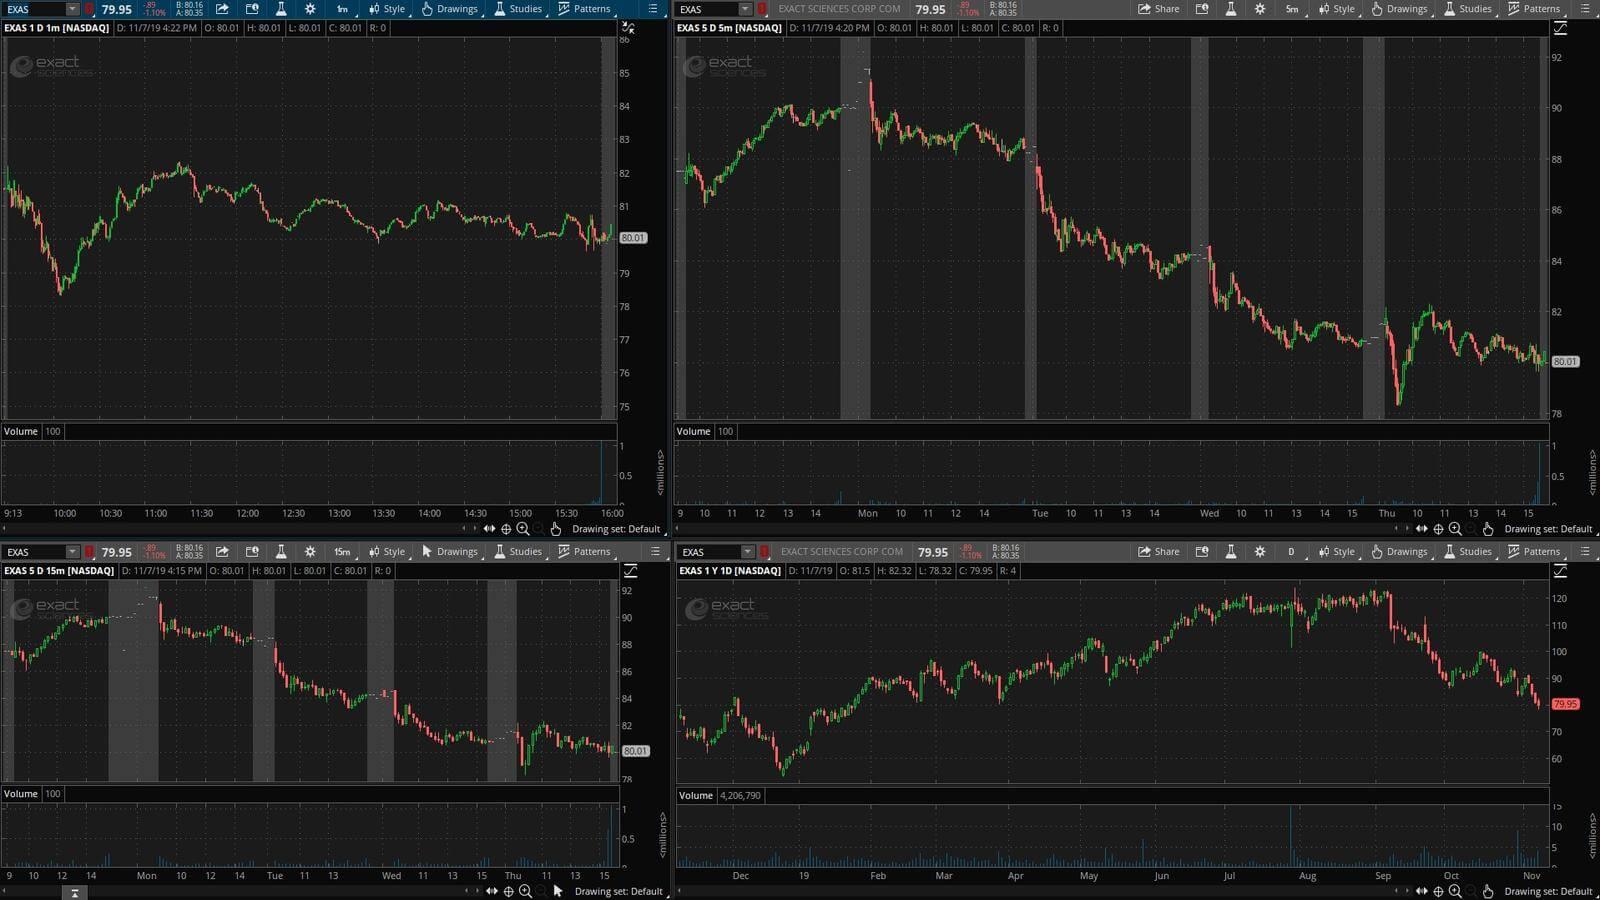 EXAS - график акции на фондовой бирже